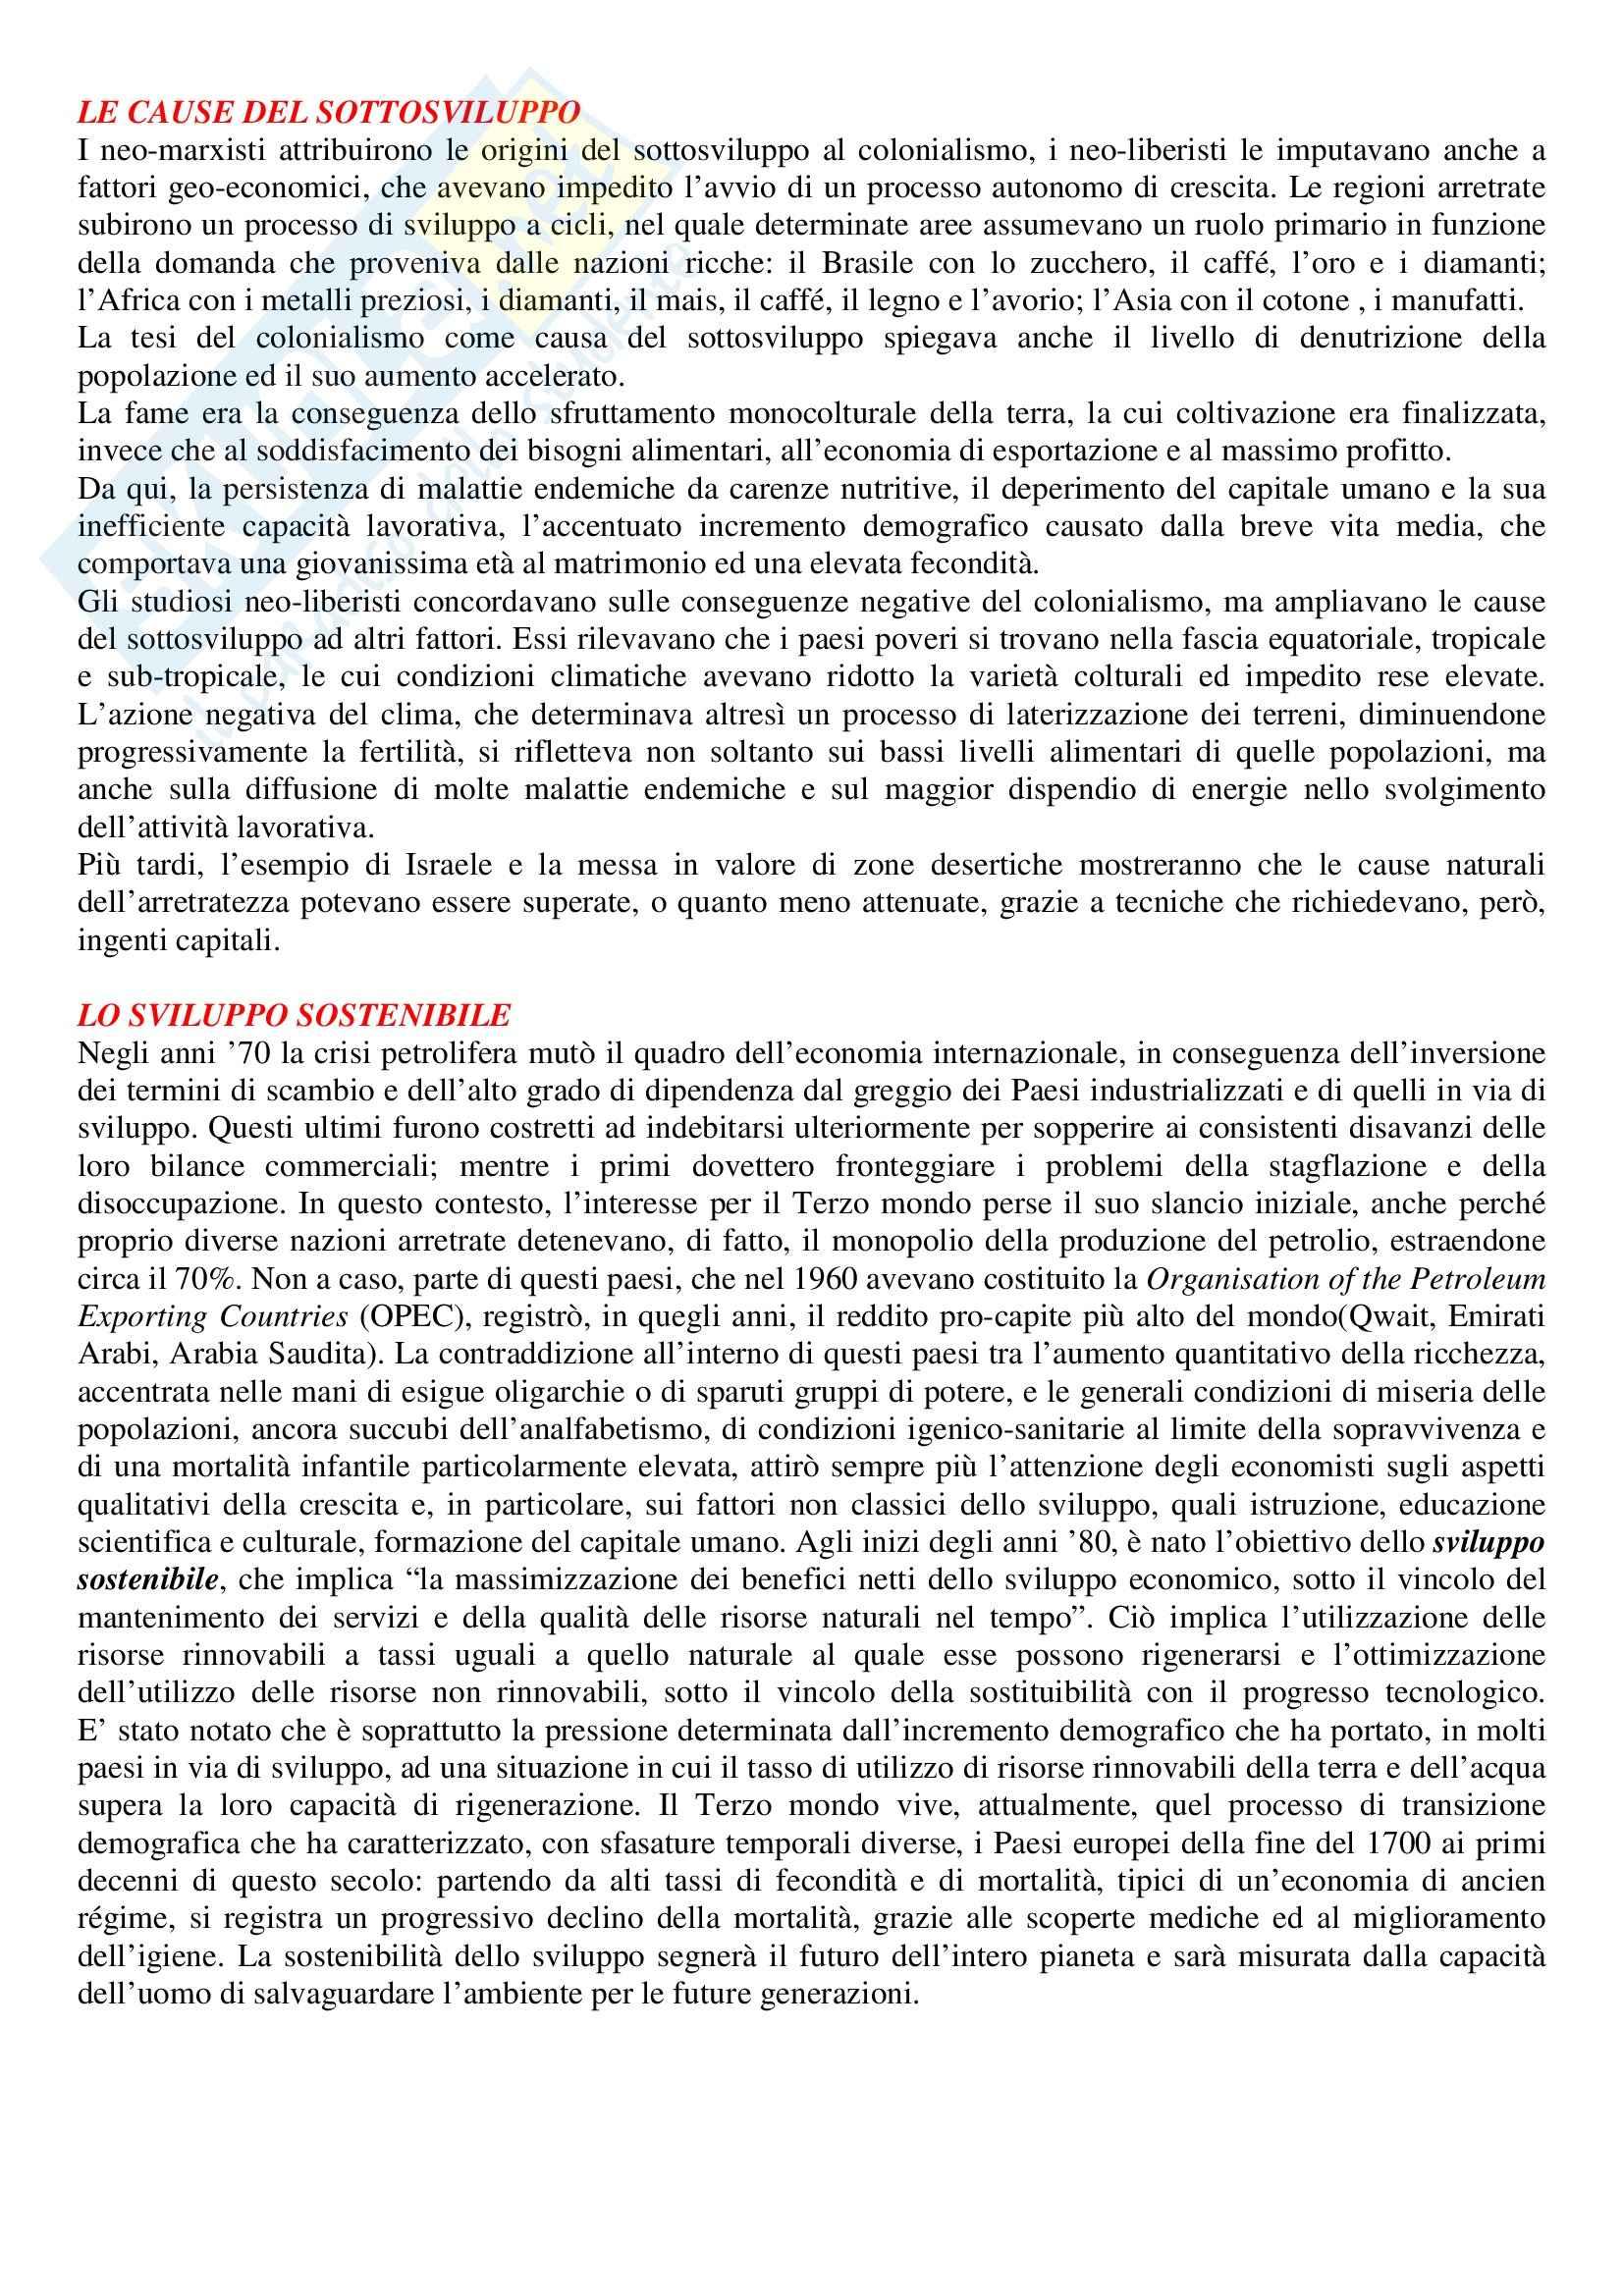 Storia economica - Riassunto esame, prof. ventura Pag. 46